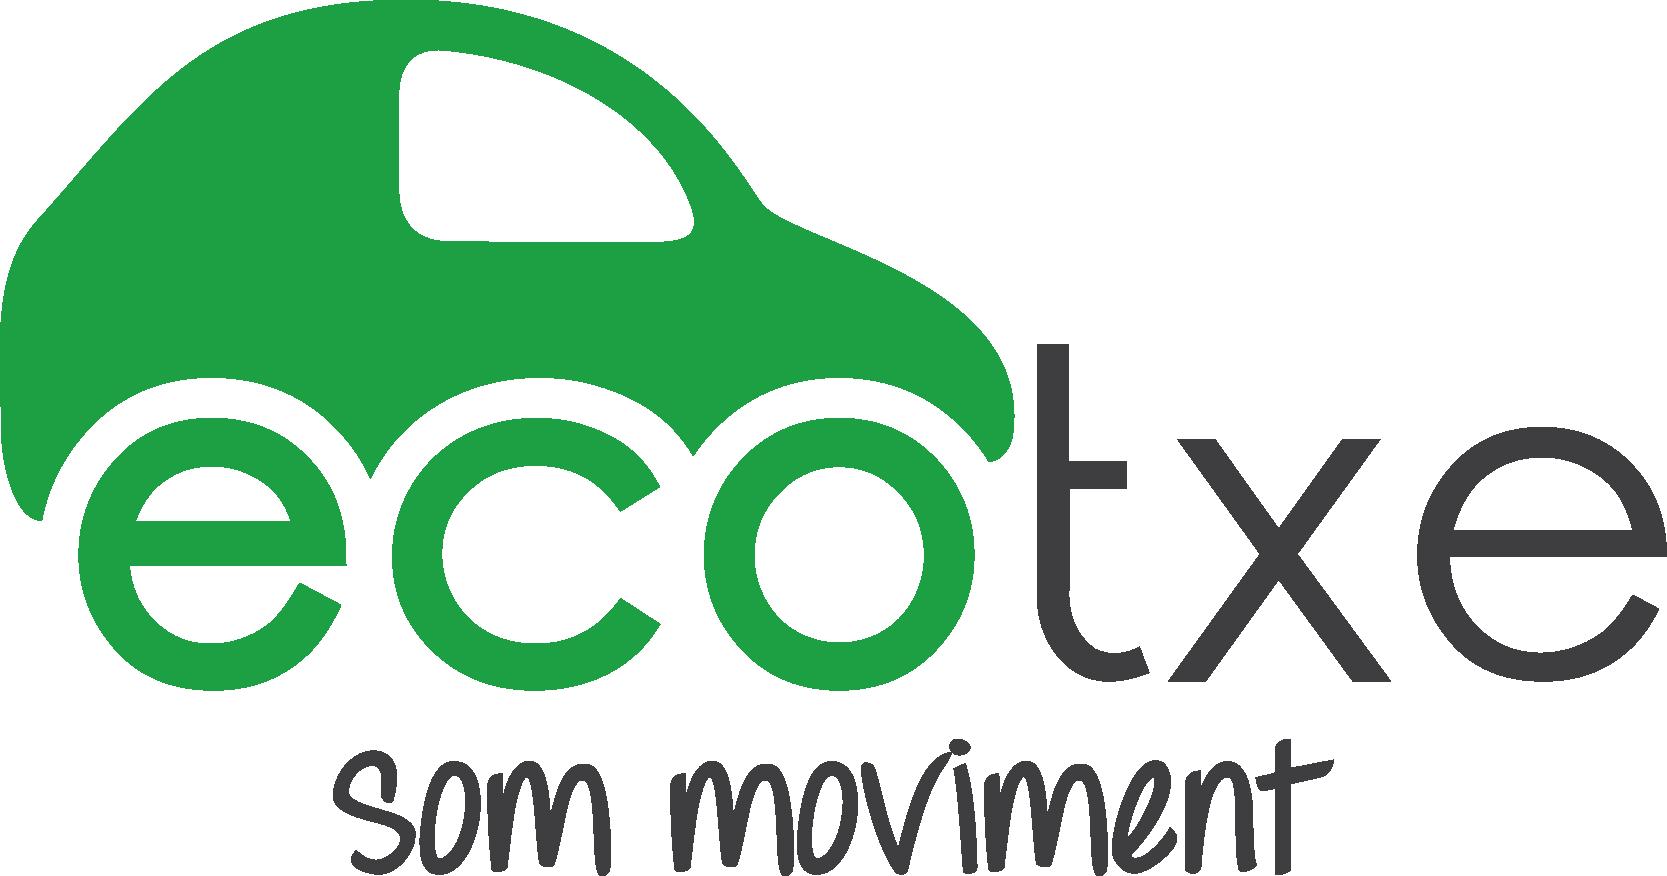 Ecotxe